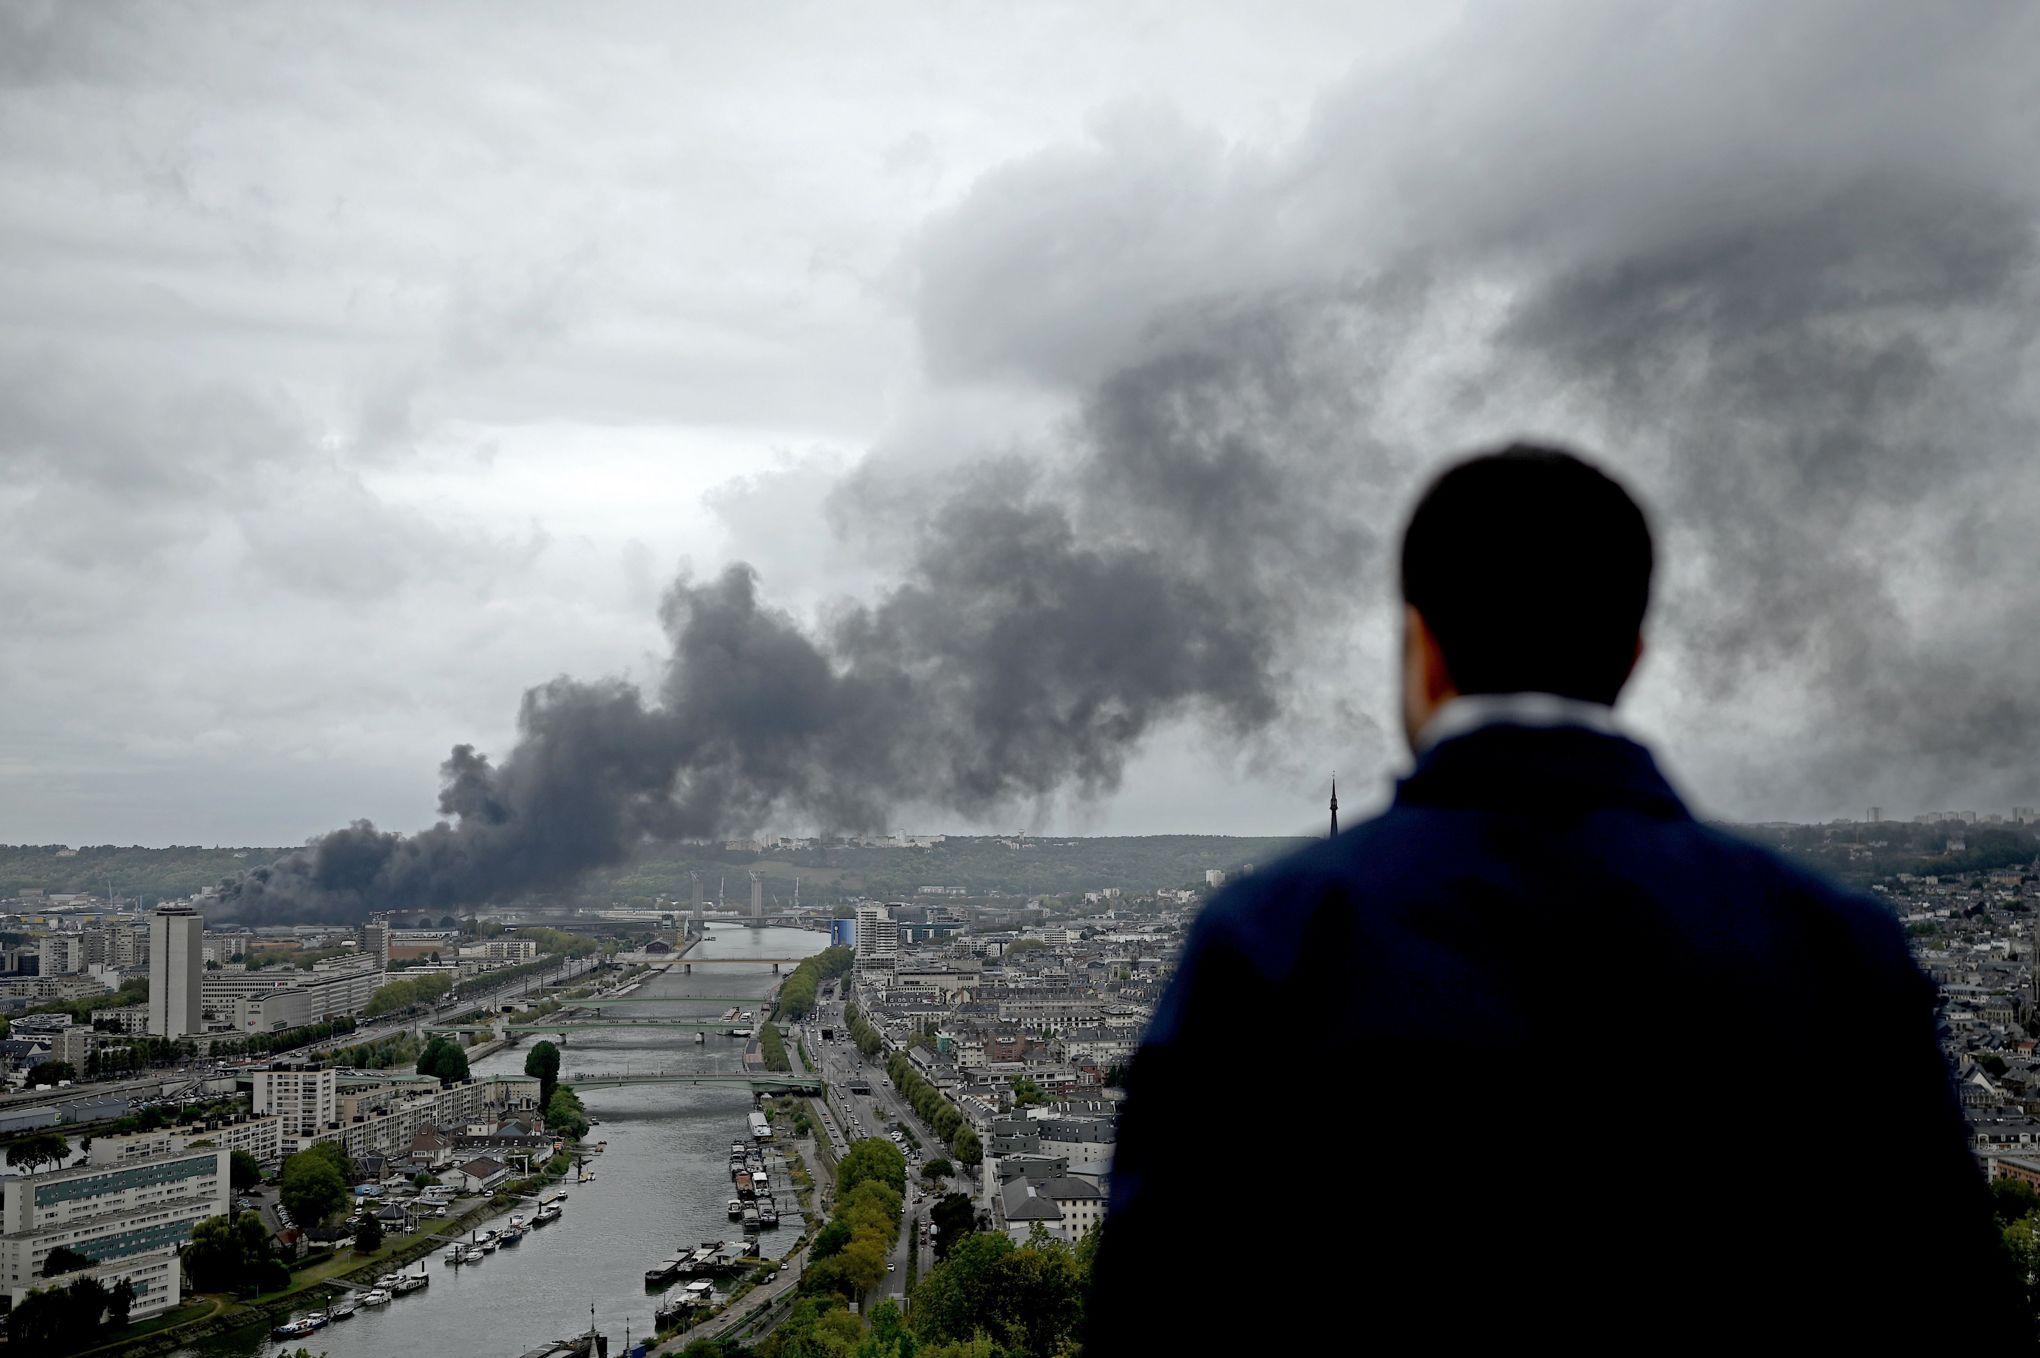 Incendie de l'usine Lubrizol à Rouen: que sait-on des conséquences sur la santé?